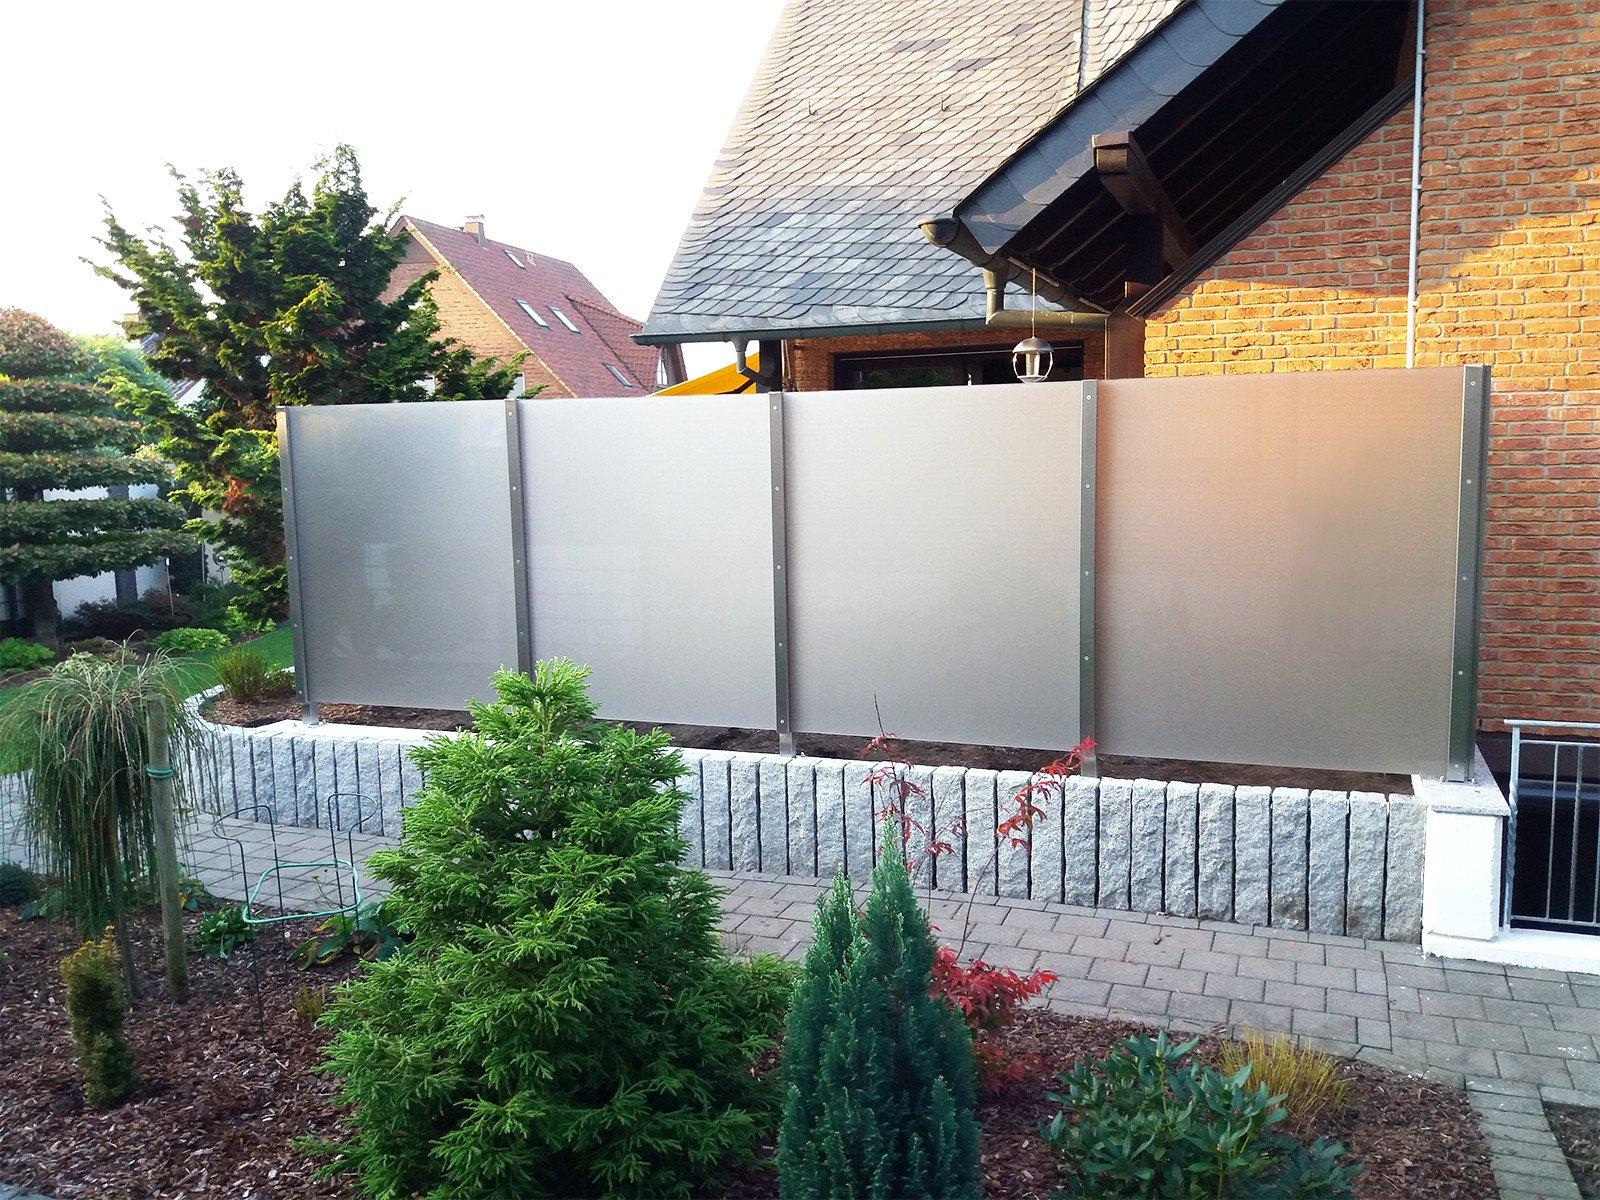 Glaszaun als Sichtschutz sorgt für Privatsphäre im Garten oder auf der Terrasse